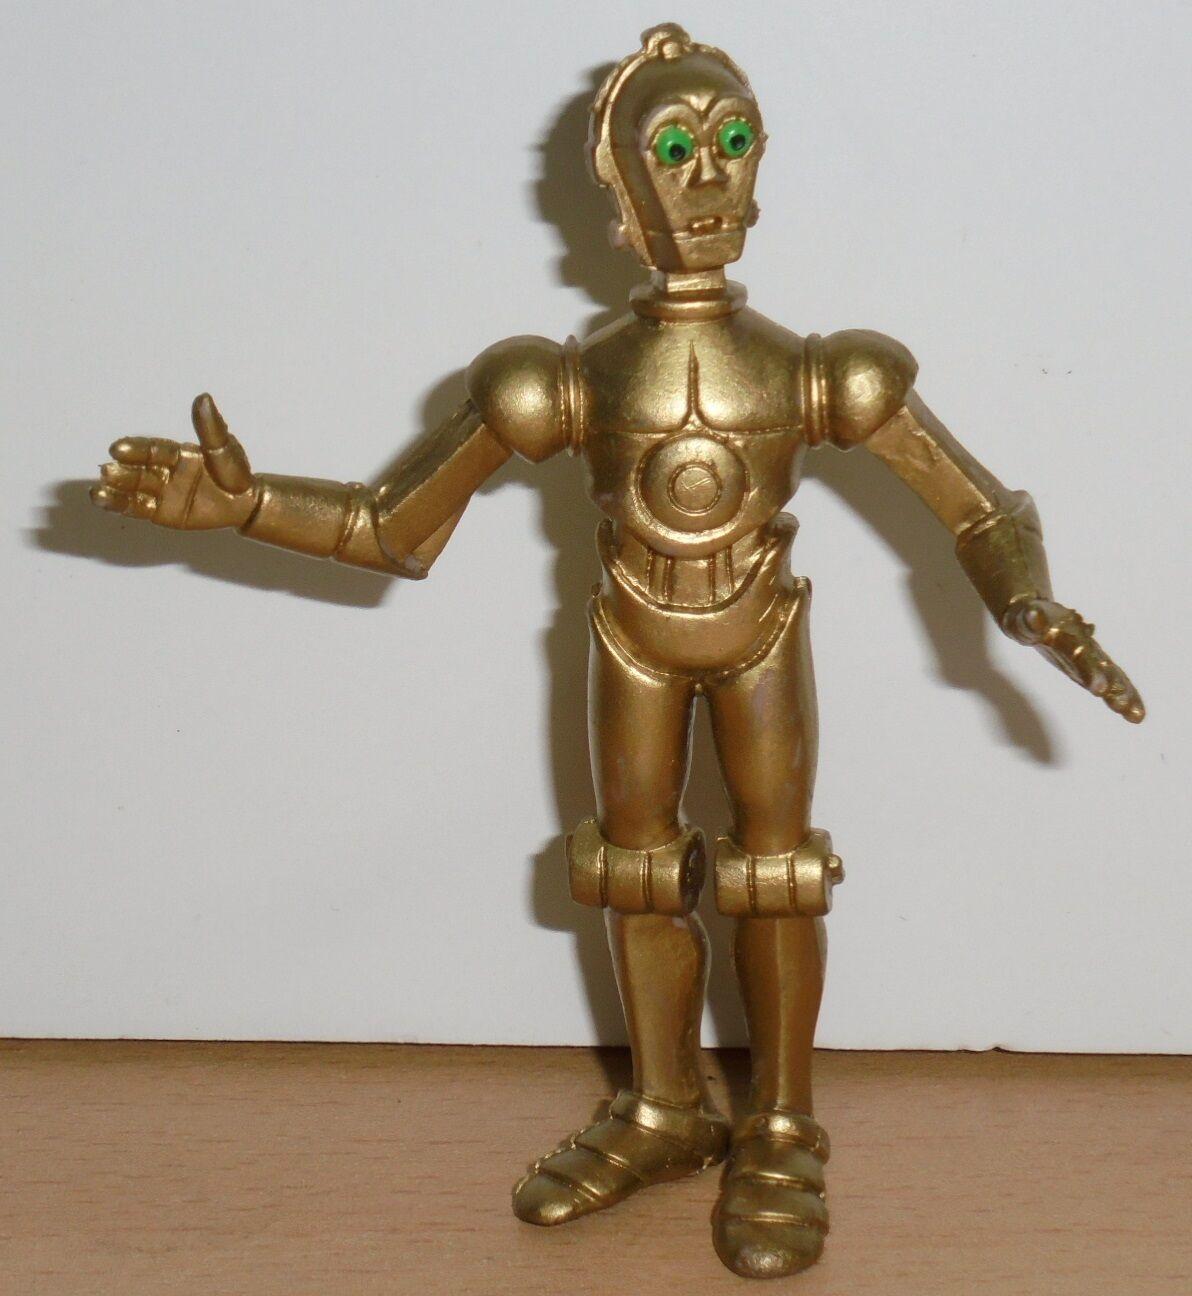 Vintage Star Wars Ewoks & droïdes C-3PO  PVC voituretoon FIGURE COMICS SPAIN 1986 LFL  vente en ligne